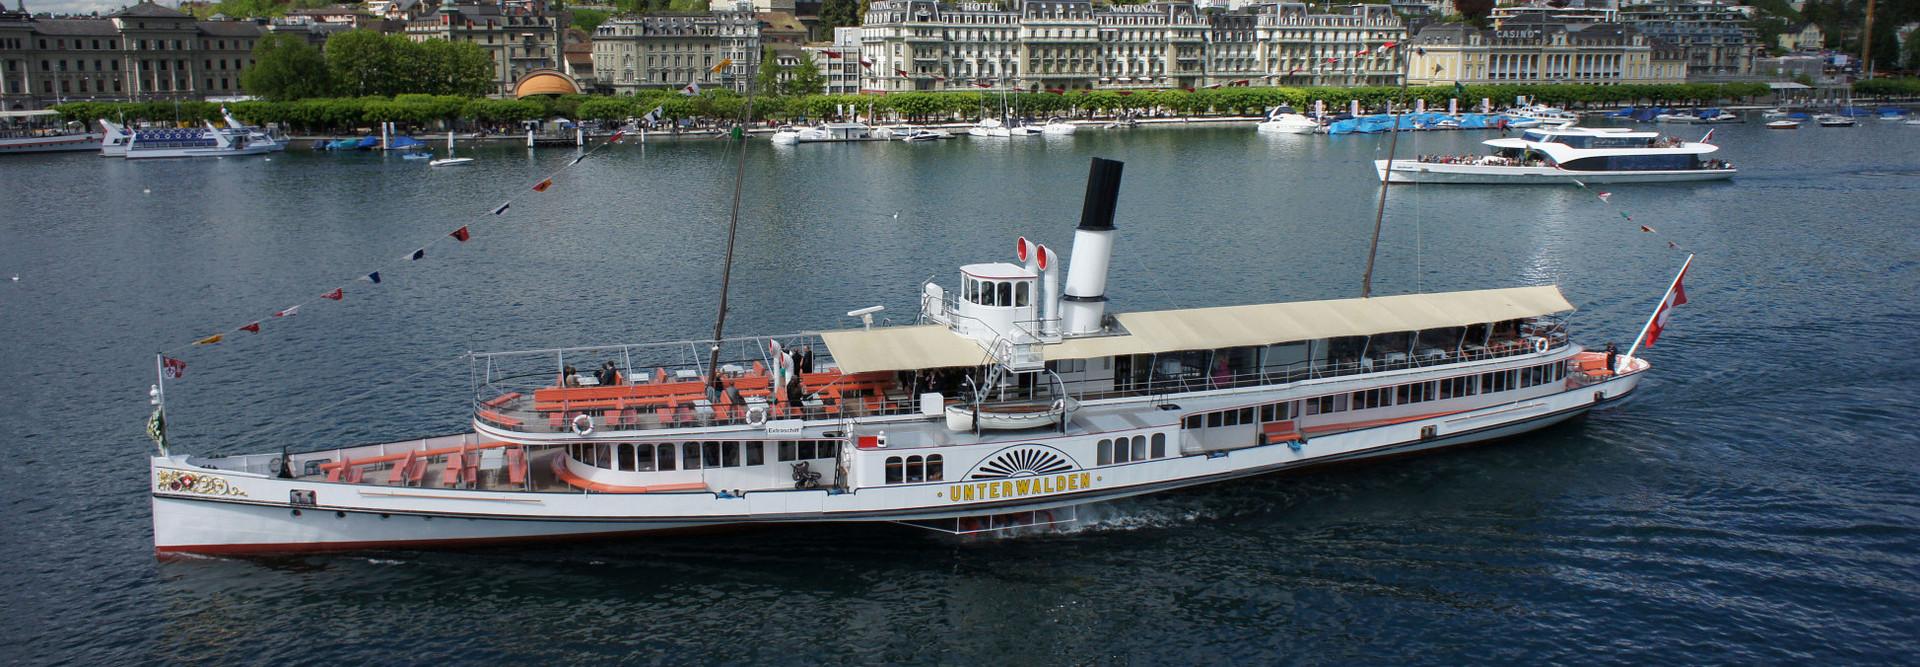 Seitliche Luftaufnahme des Dampfschiffes Unterwalden im Luzerner Seebecken. Der Himmel ist bewölkt.